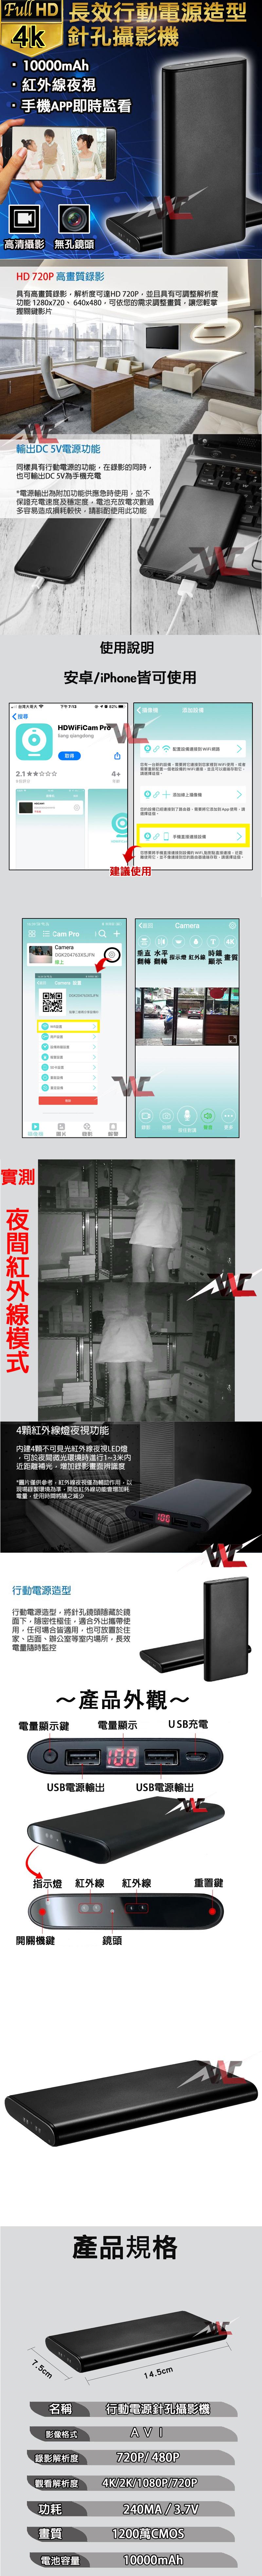 【贈32G記憶卡】 行動電源監視器 針孔 微型無光夜視 攝影機 4K密錄器 無線WiFi遠端監控 監視器 針孔